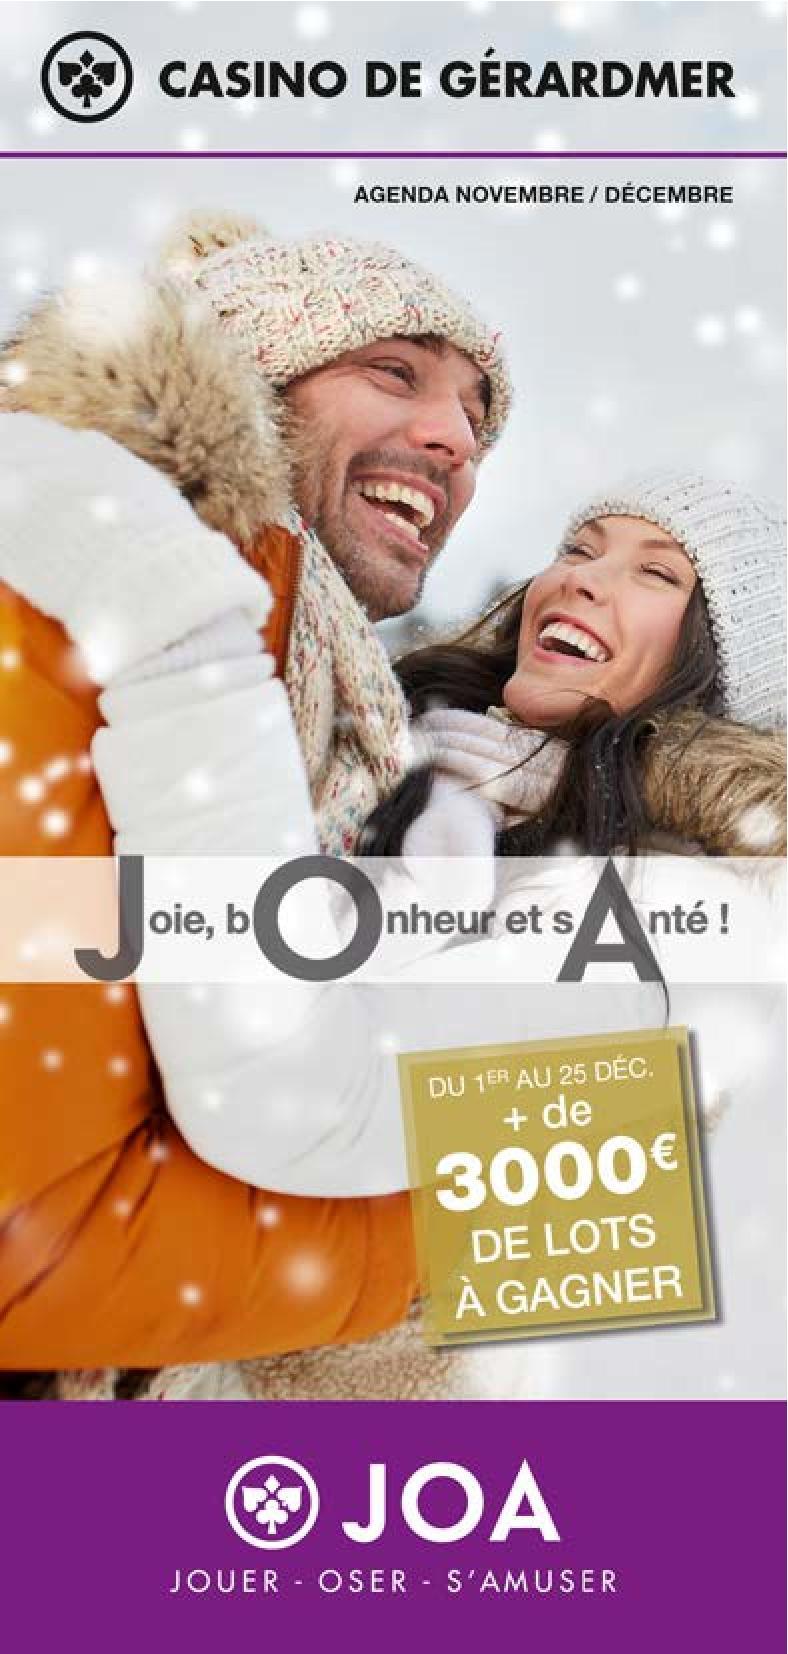 Programme Novembre Décembre Casino JOA